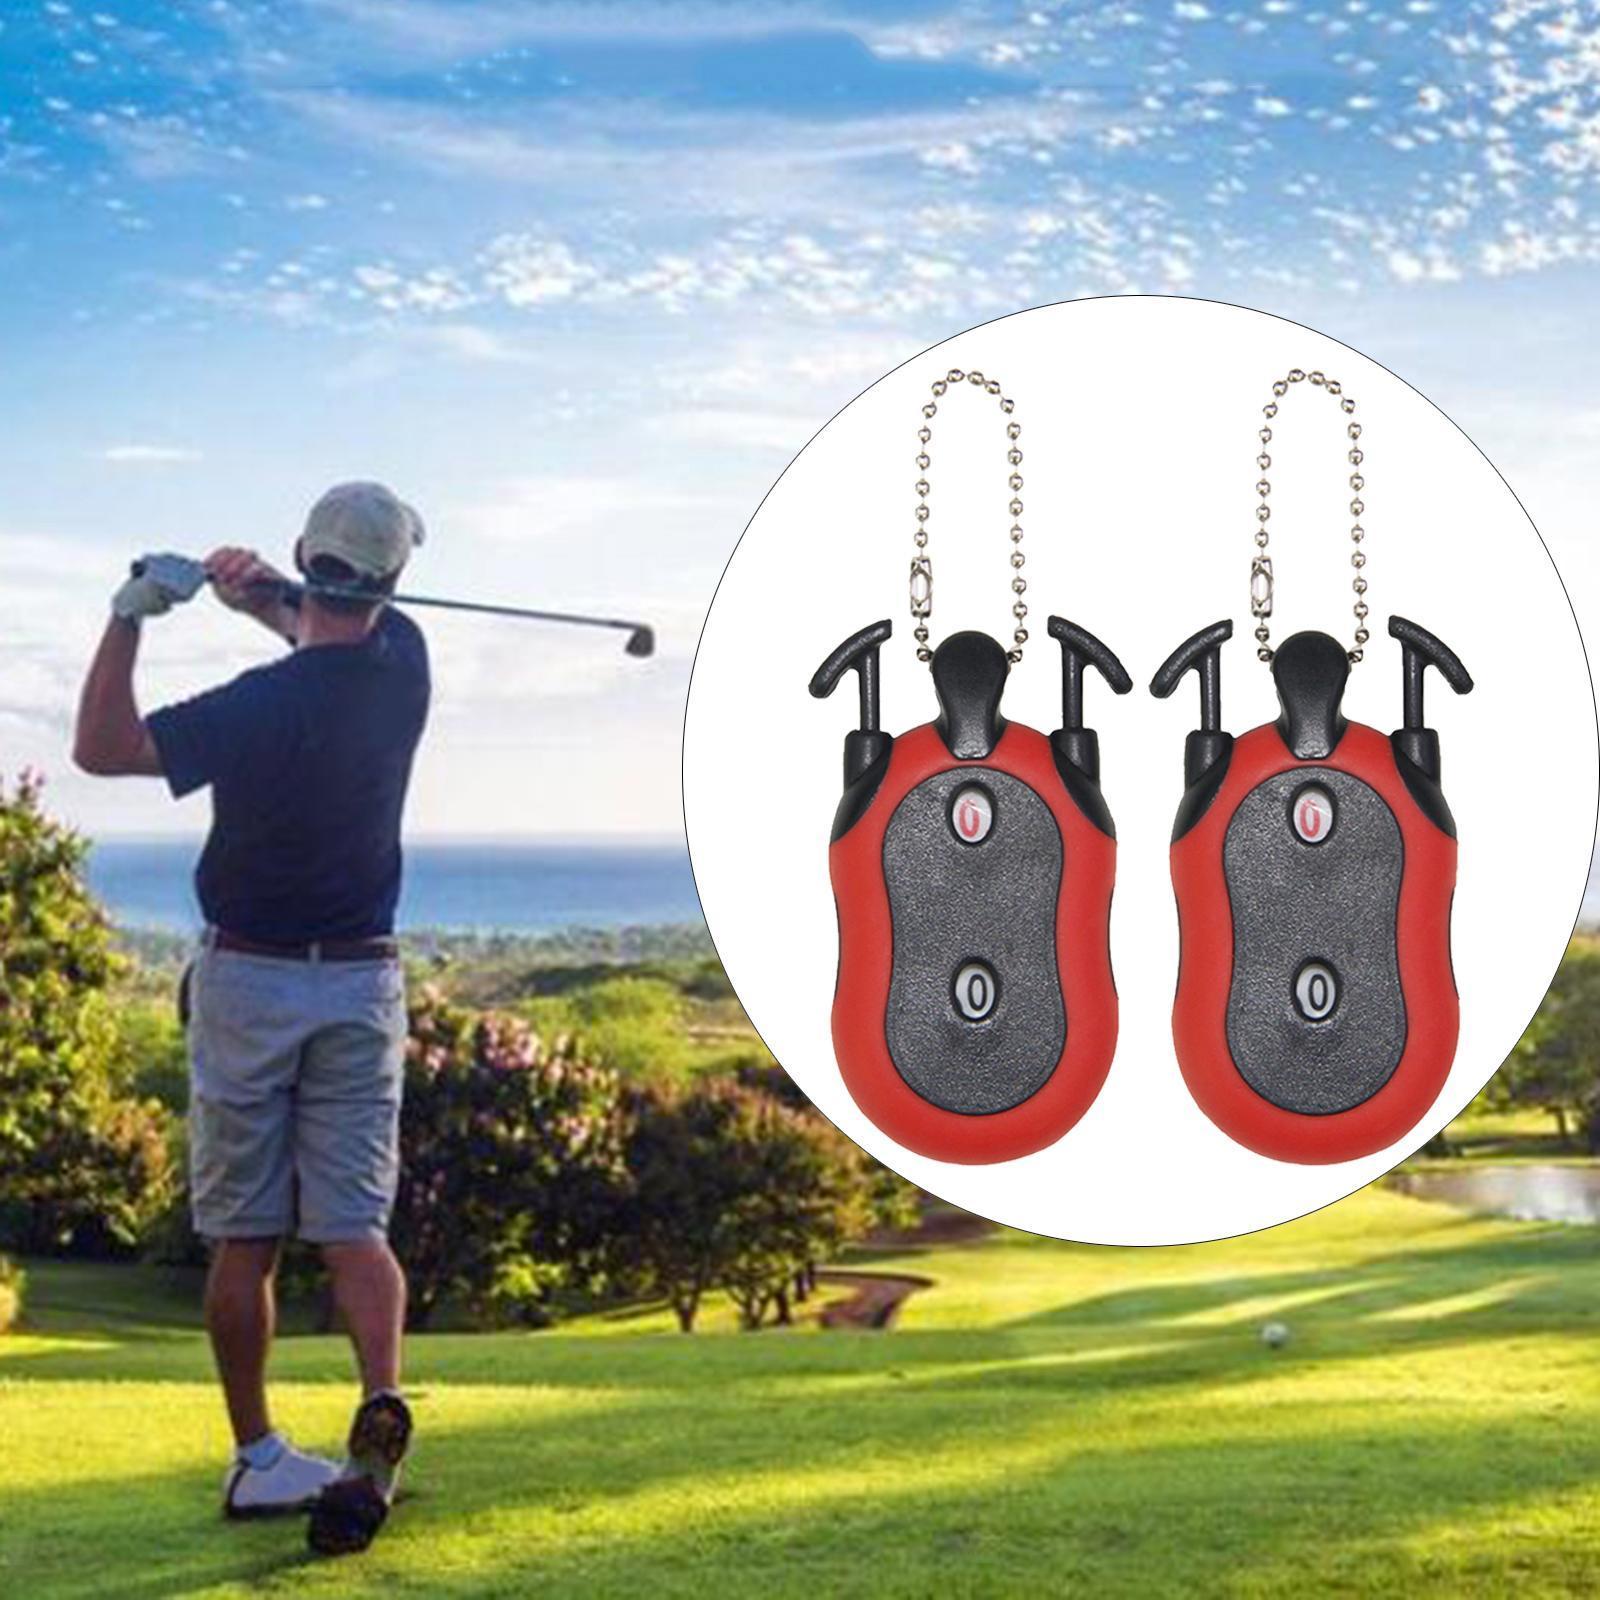 Indexbild 22 - 2 Stück Golf Score Zähler 2-in-1 Double Dial Stroke Putt Scorer mit